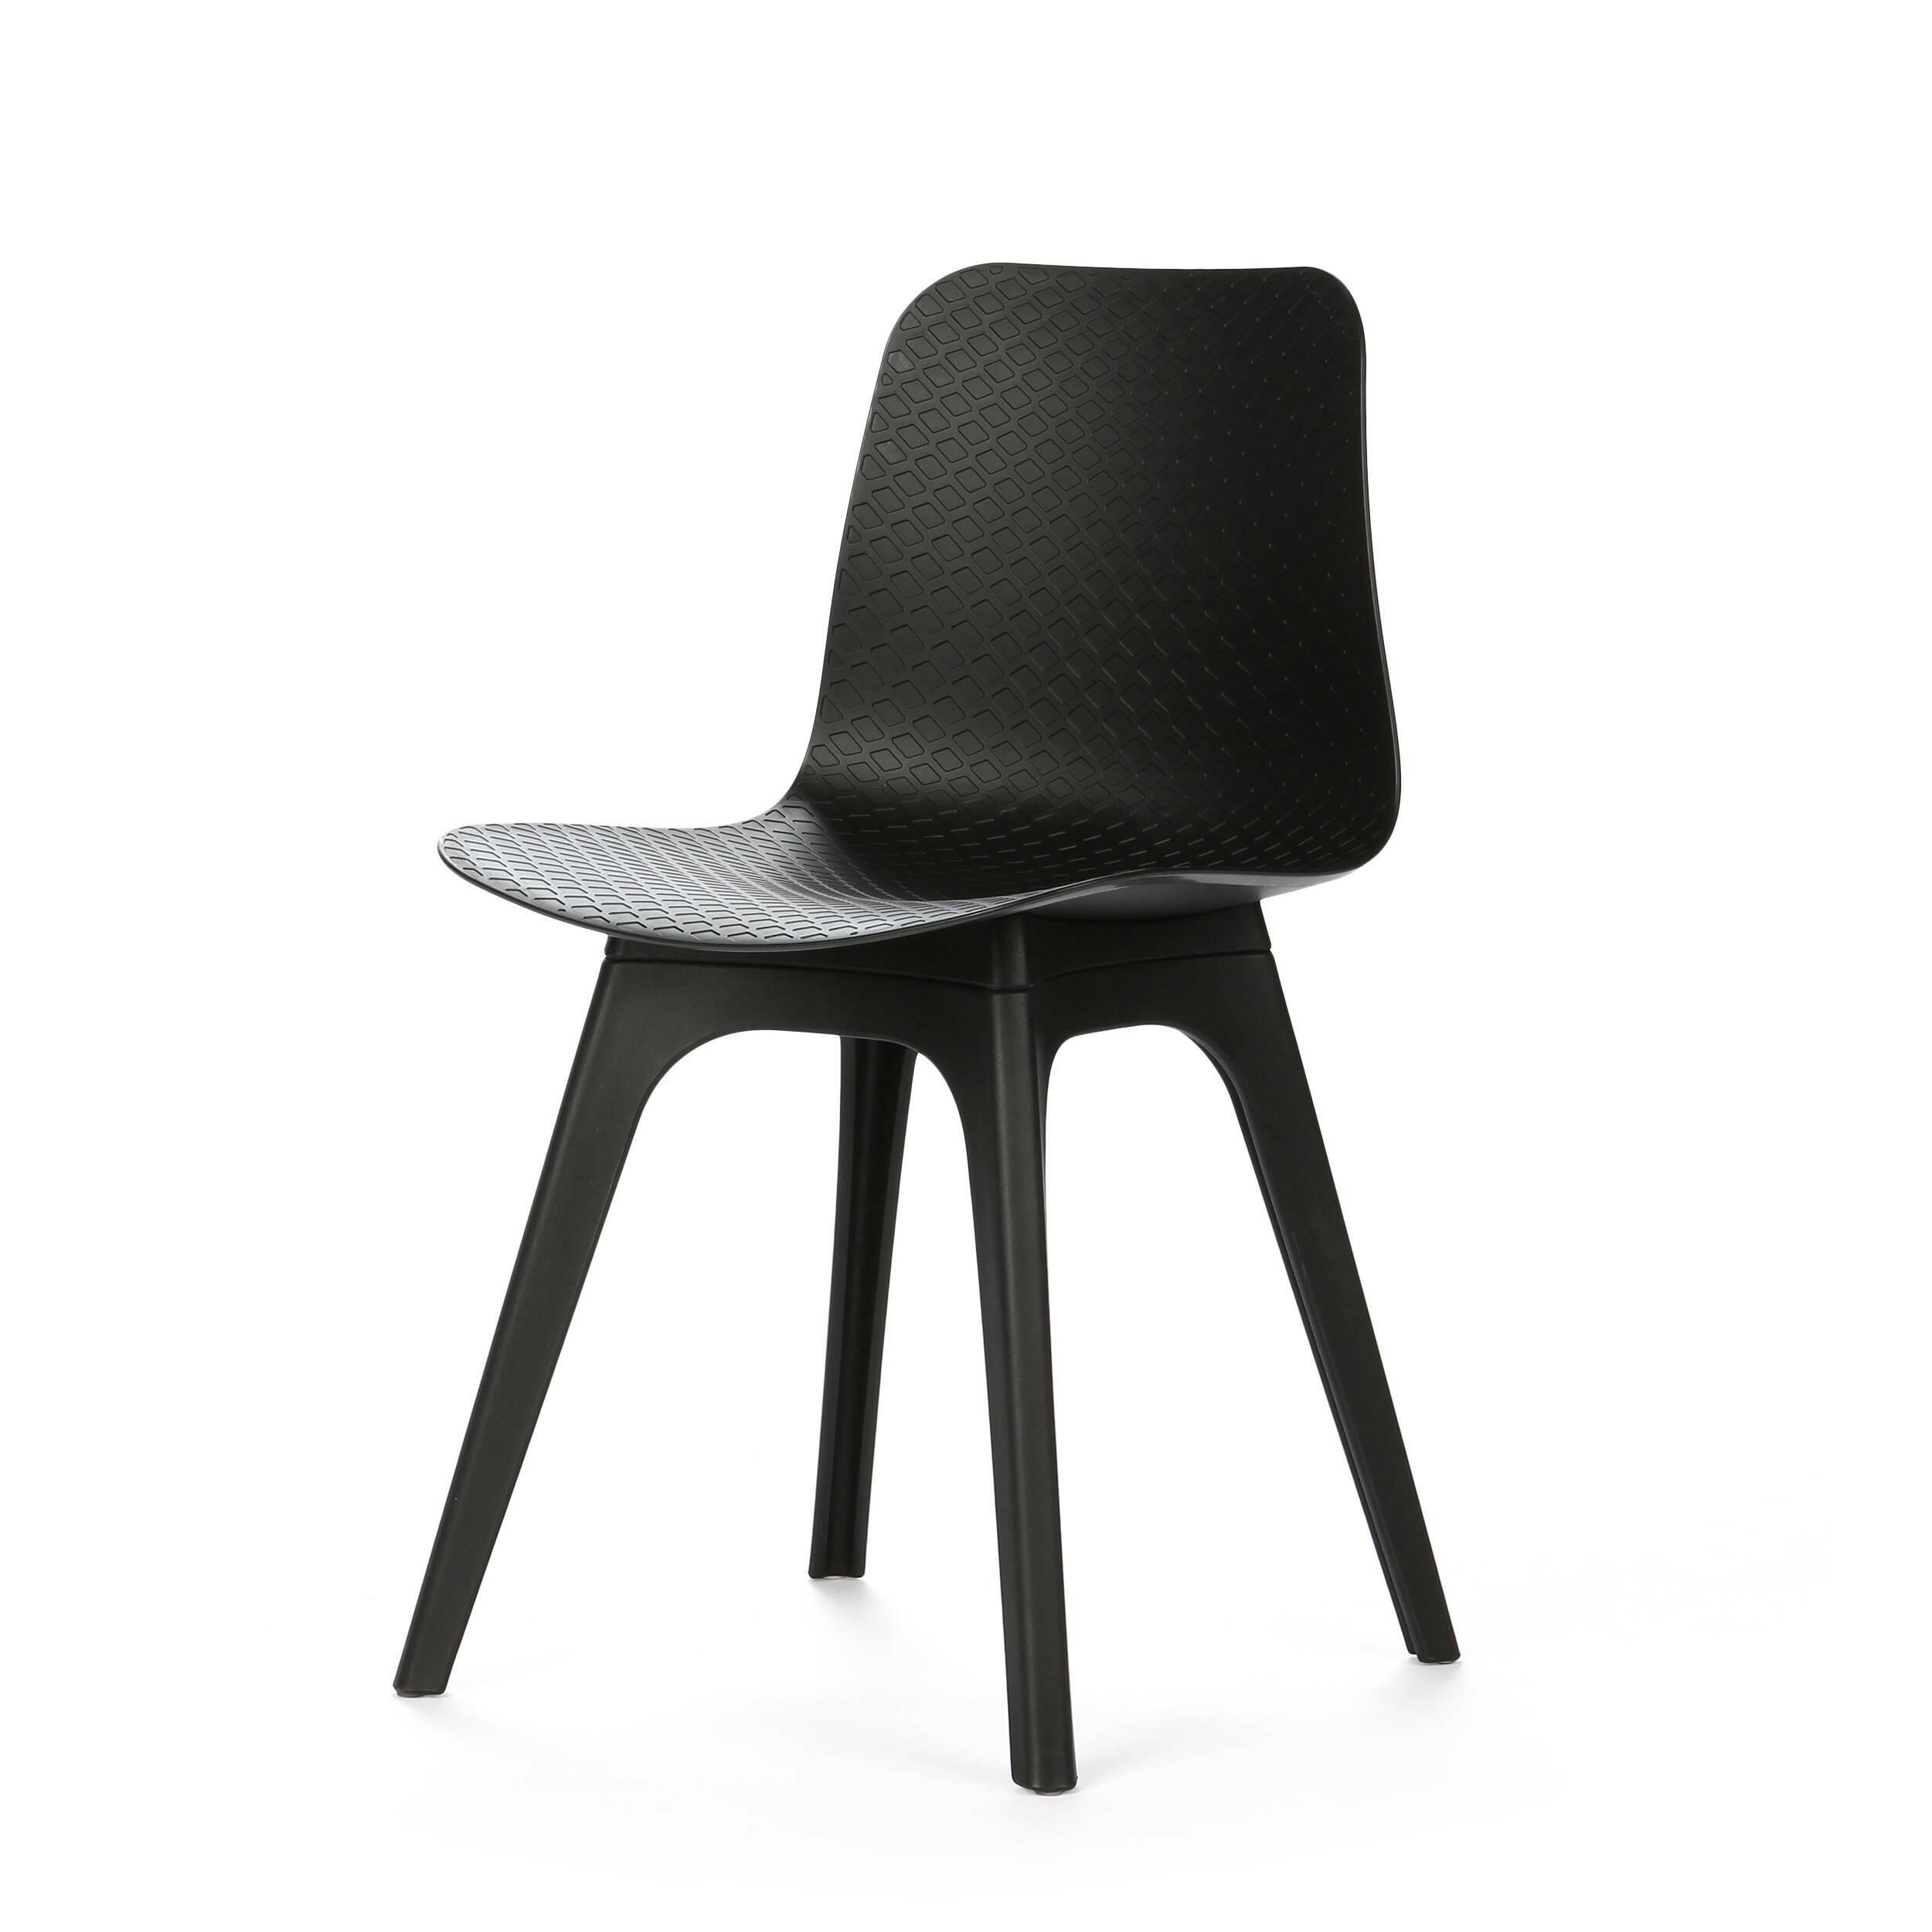 Стул CoachИнтерьерные<br>Дизайнерский черный стул Coach (Коуч) из полипропилена без подлокотников в стиле хай-тек от Cosmo (Космо).<br>Обставляя комнату в современном стиле хай-тек или минимализм, дизайнер делает упор на простоту и лаконичность. В силуэтах предметов мебели и освещения не должно быть ни одной лишней детали — дизайн подчиняется функциональности. Если это стул, то исключительно для сидения, если обеденный стол, то только для трапез. <br> <br> Особенно стильно смотрятся оригинальные глянцевые стулья, выполненн...<br><br>stock: 0<br>Высота: 79.5<br>Высота спинки: 45<br>Ширина: 45<br>Глубина: 47<br>Тип материала каркаса: Полипропилен<br>Цвет каркаса: Черный